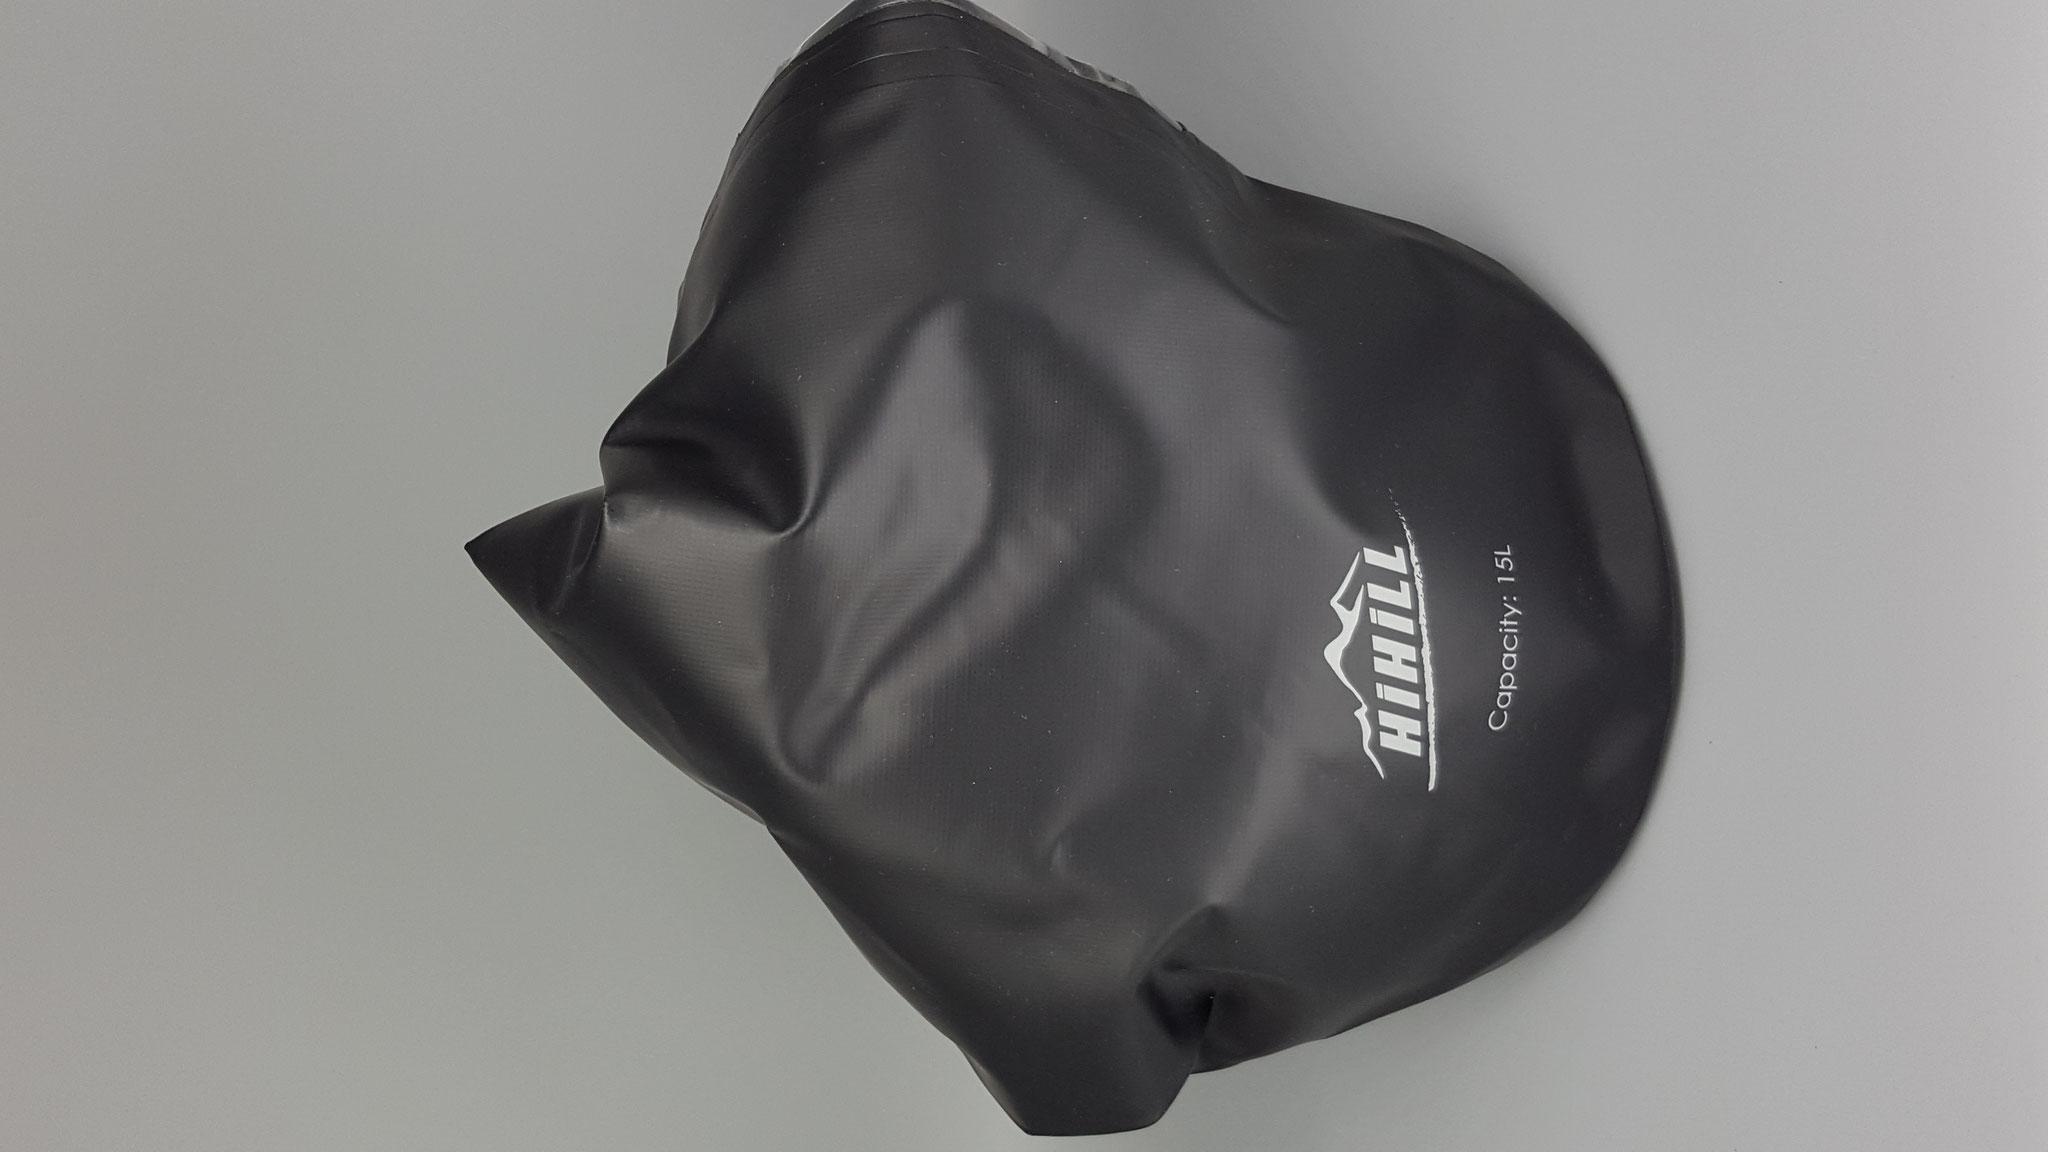 Drybag halb gefüllt Vorderseite